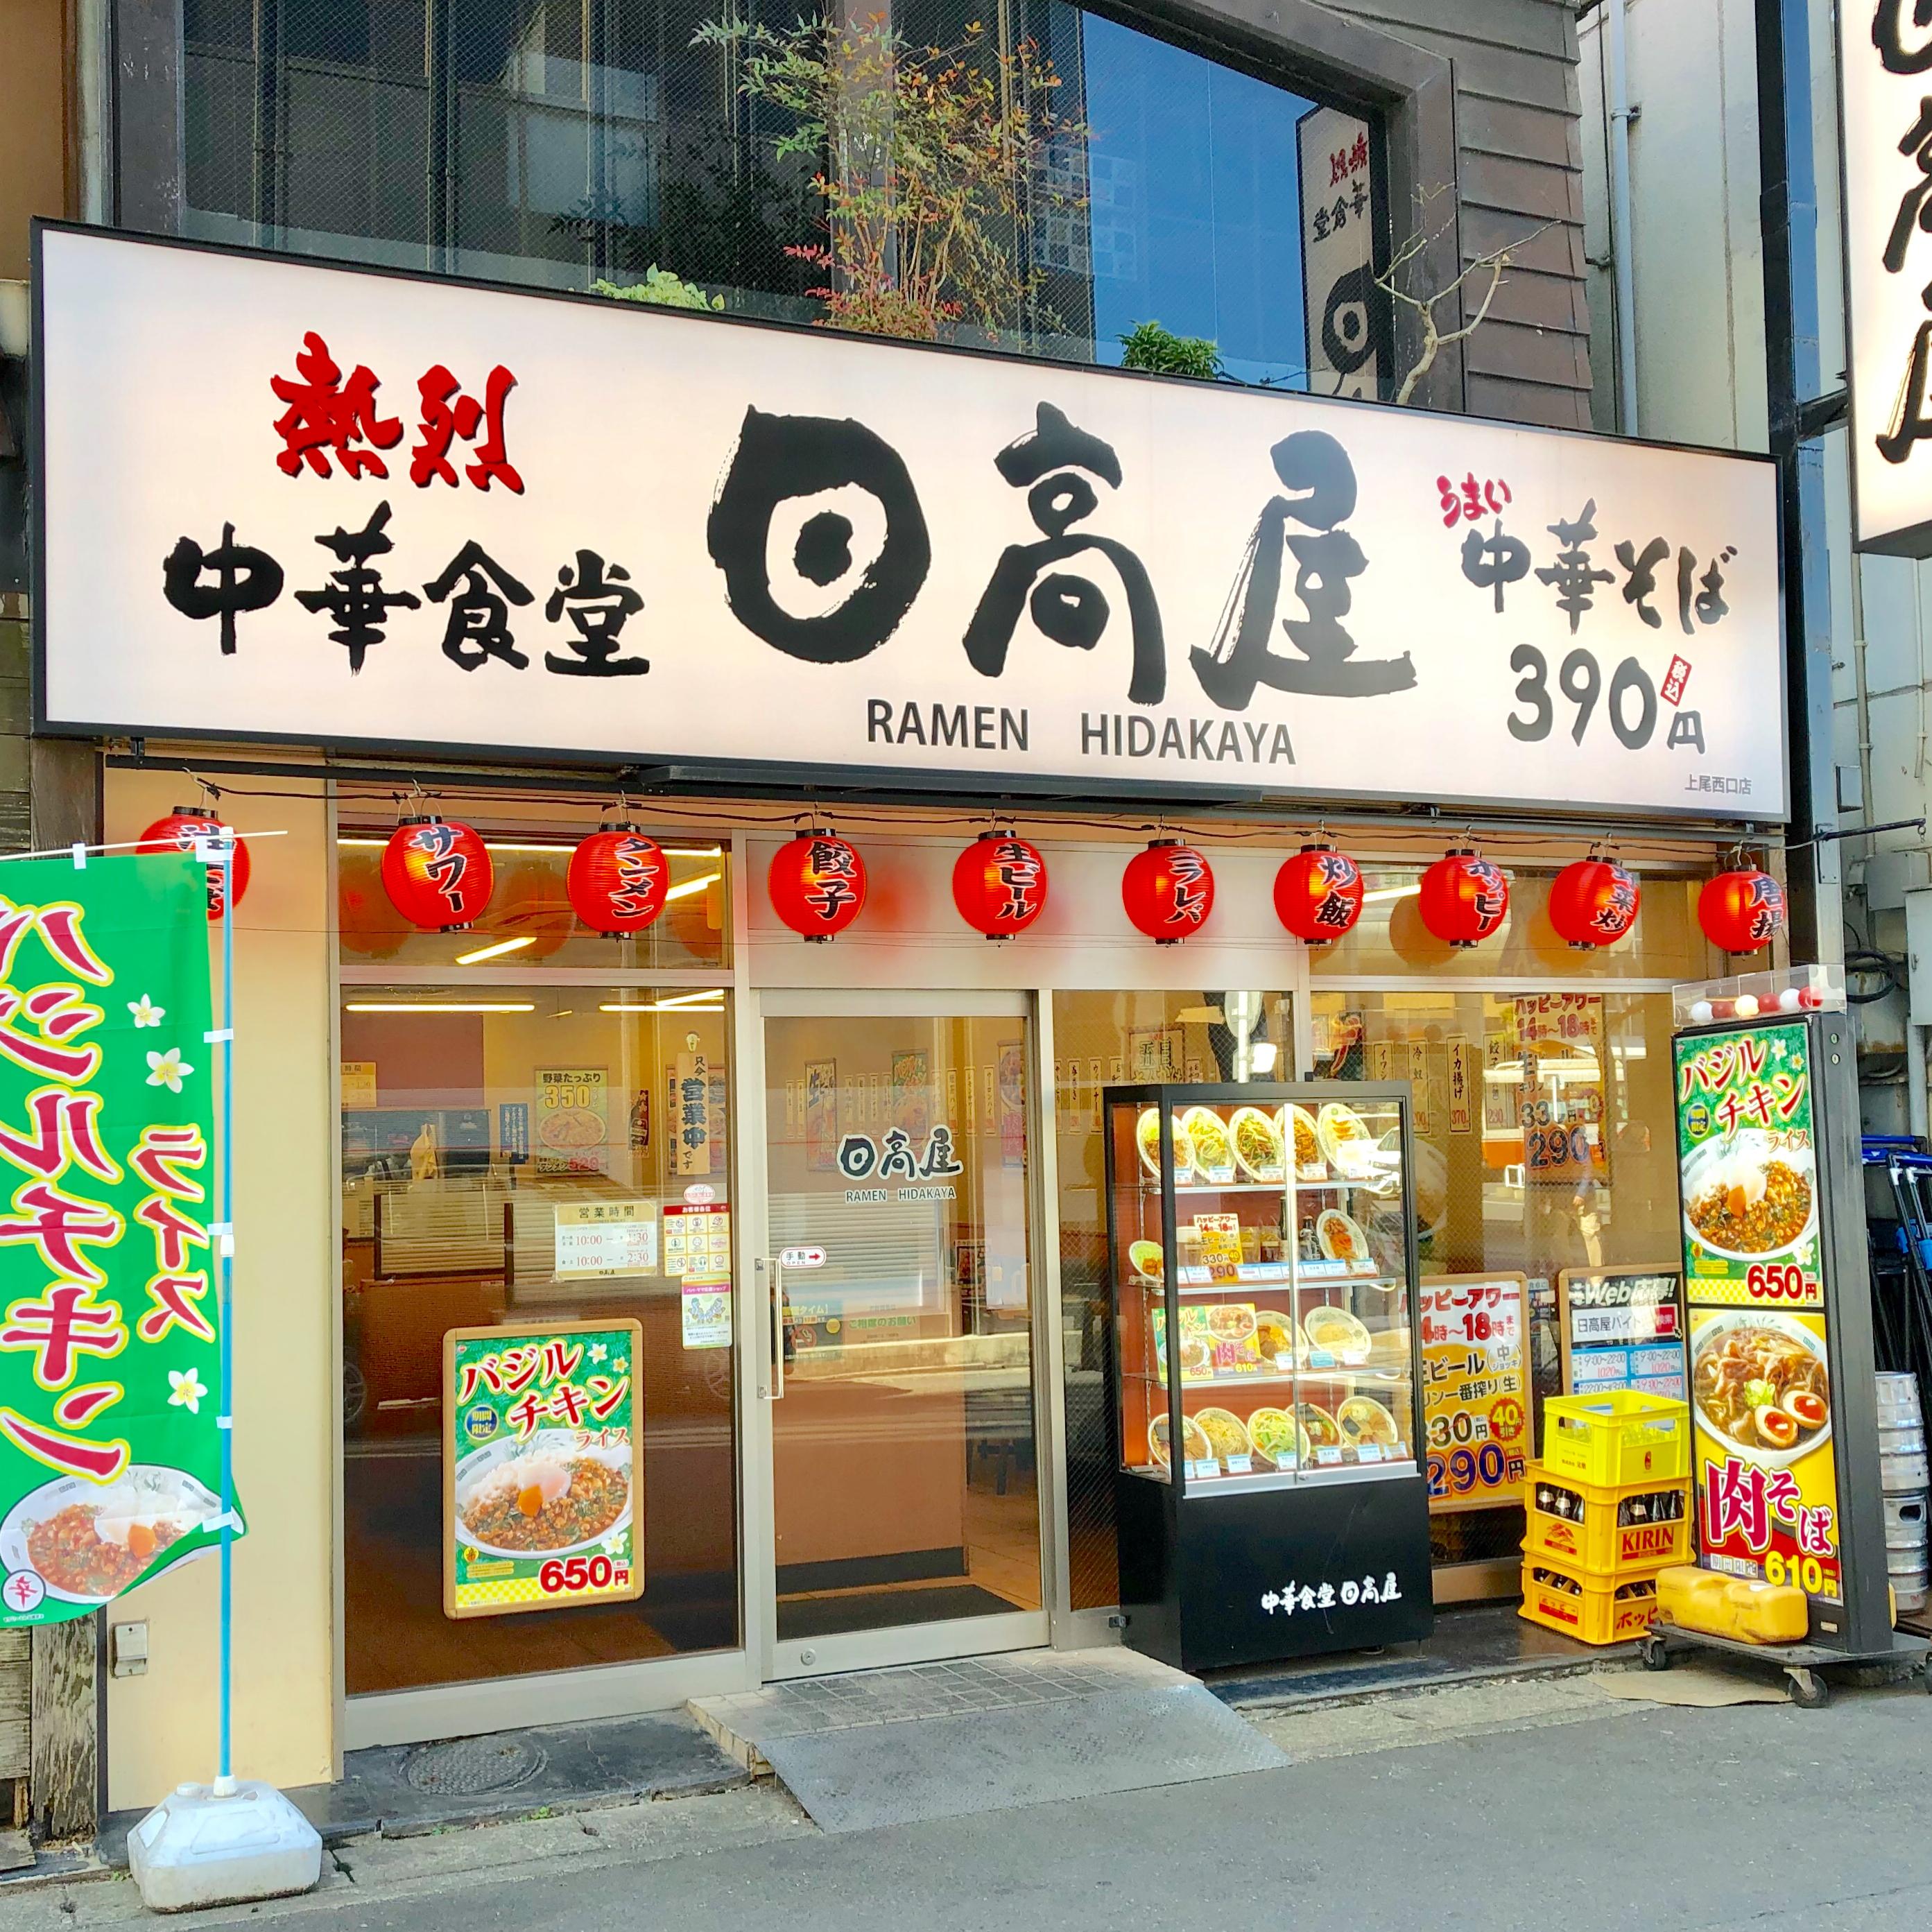 日高屋|激安中華チェーンのおすすめメニュー!タンメン&餃子を味わう